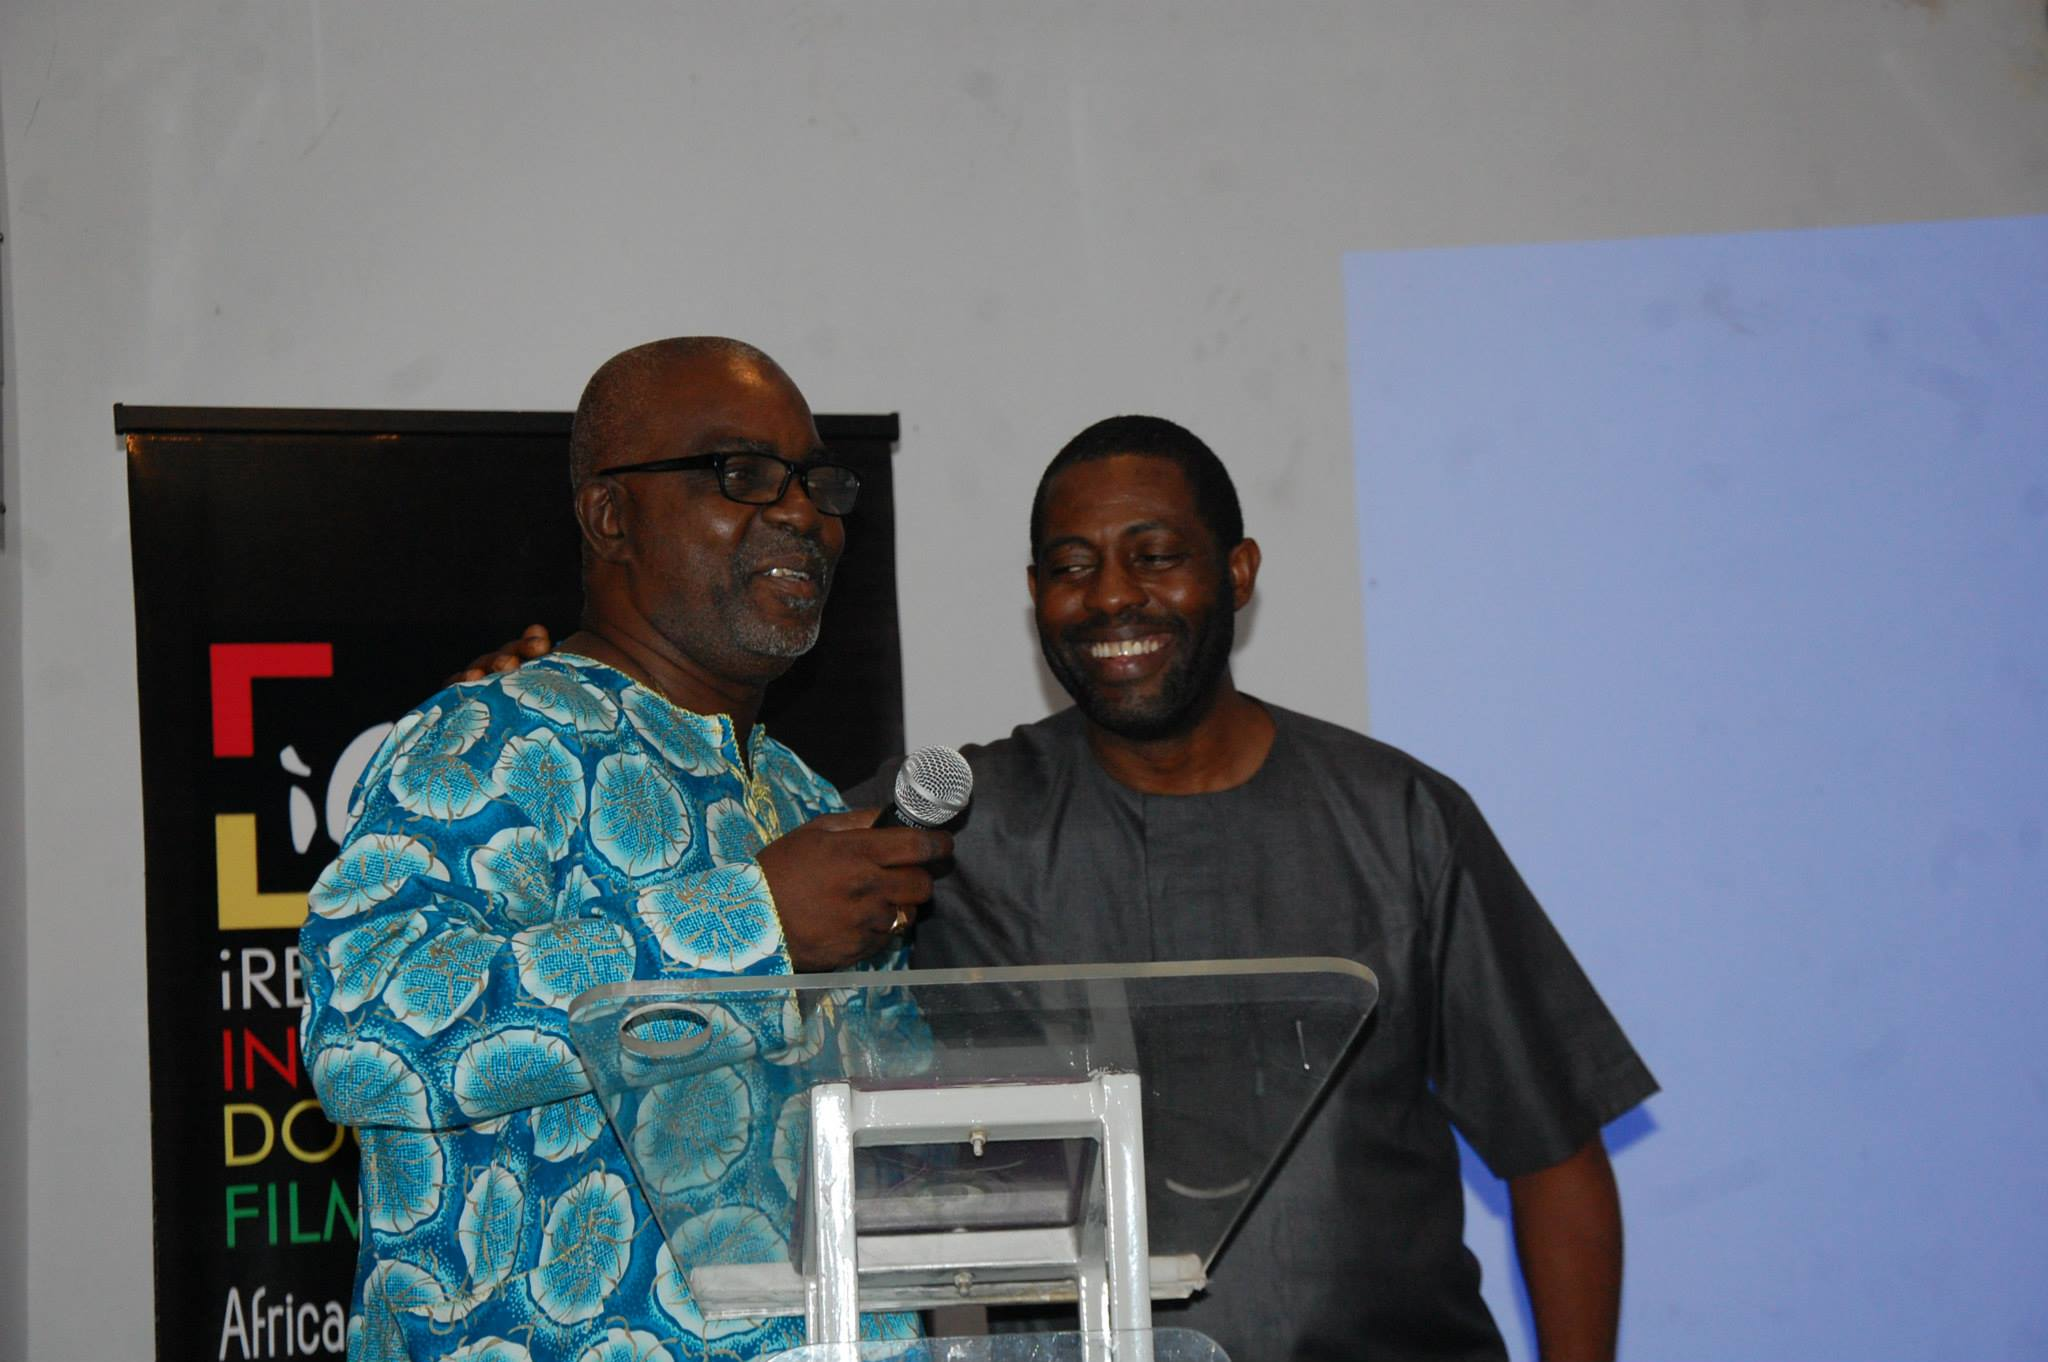 Mr Theo Lawson and Femi Odugbemi